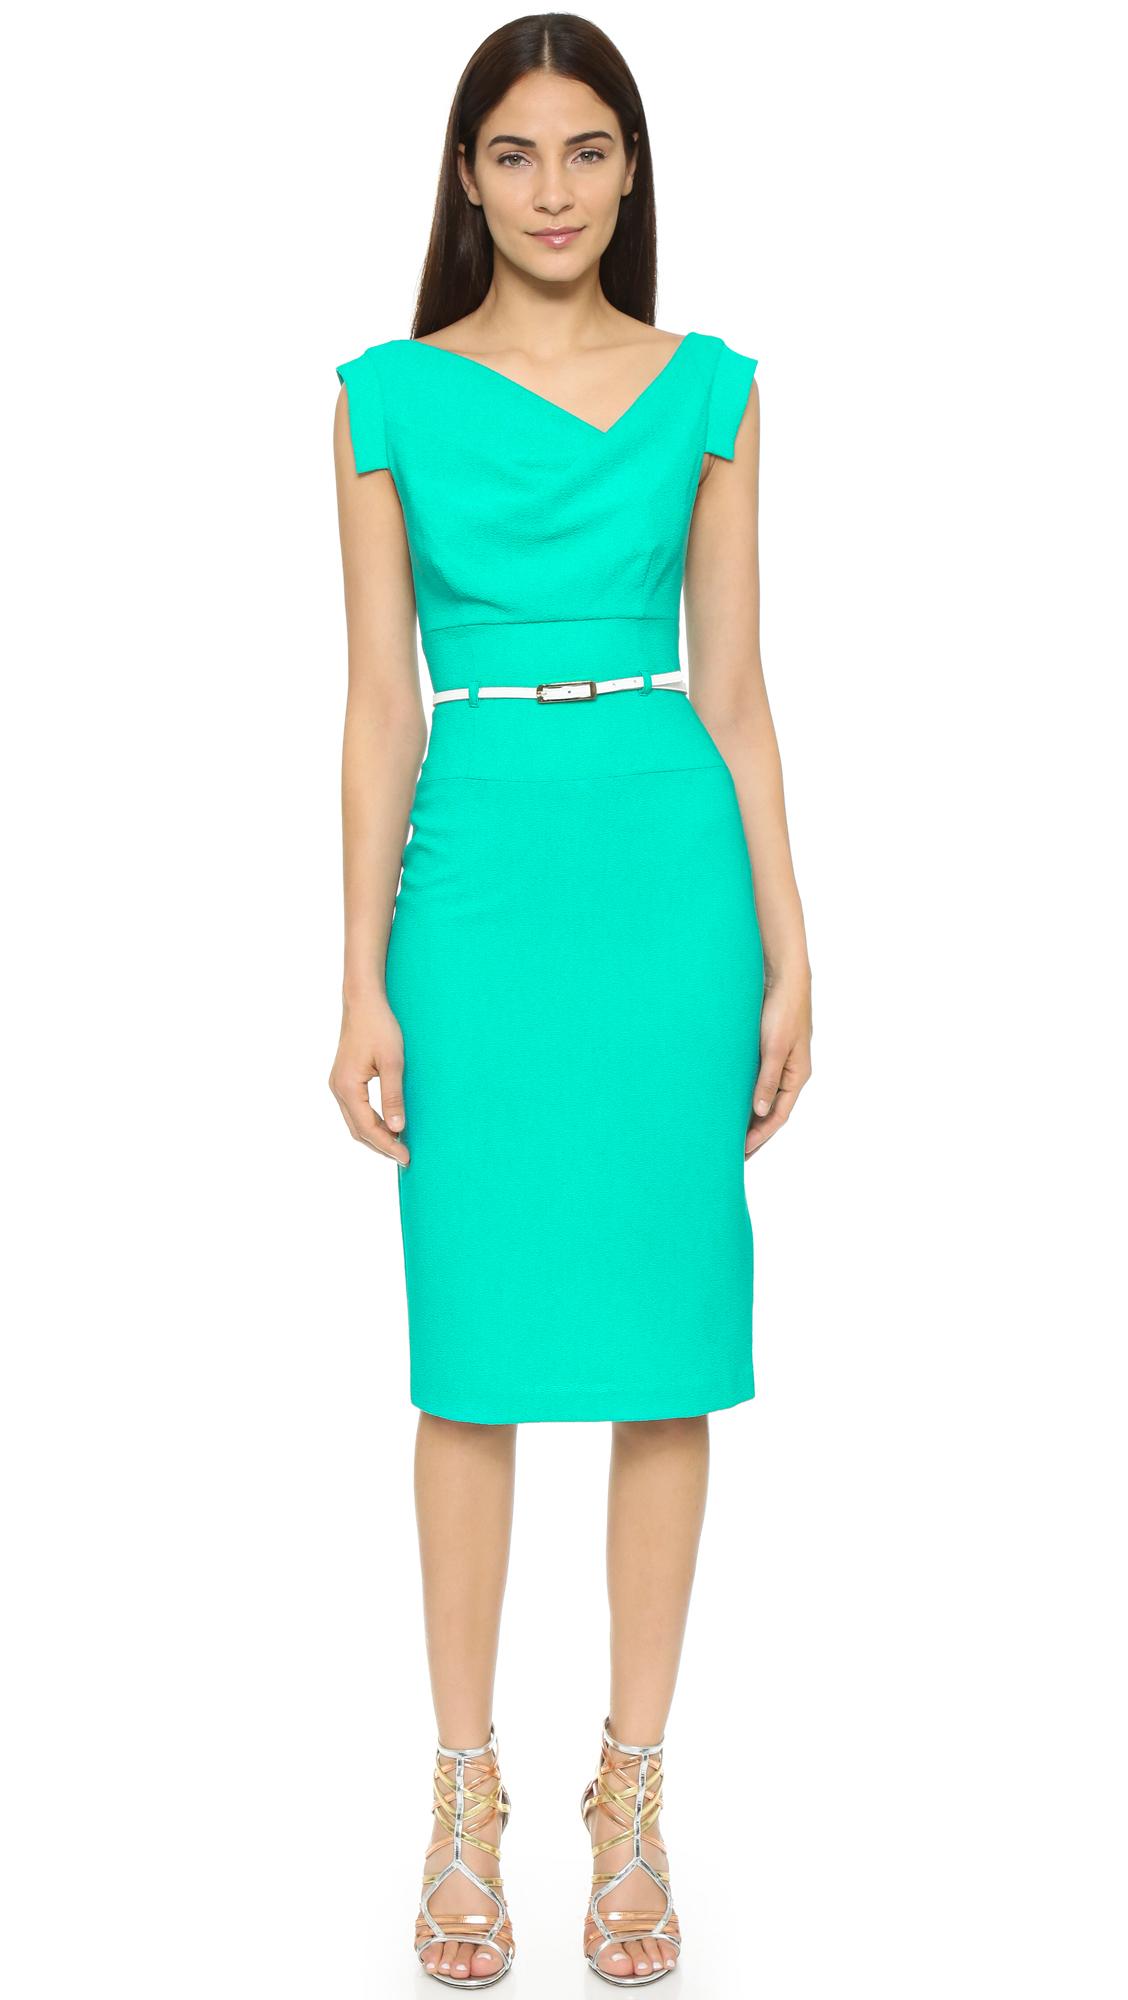 b7b6761eb95f Lyst - Black Halo Jackie O Dress in Green